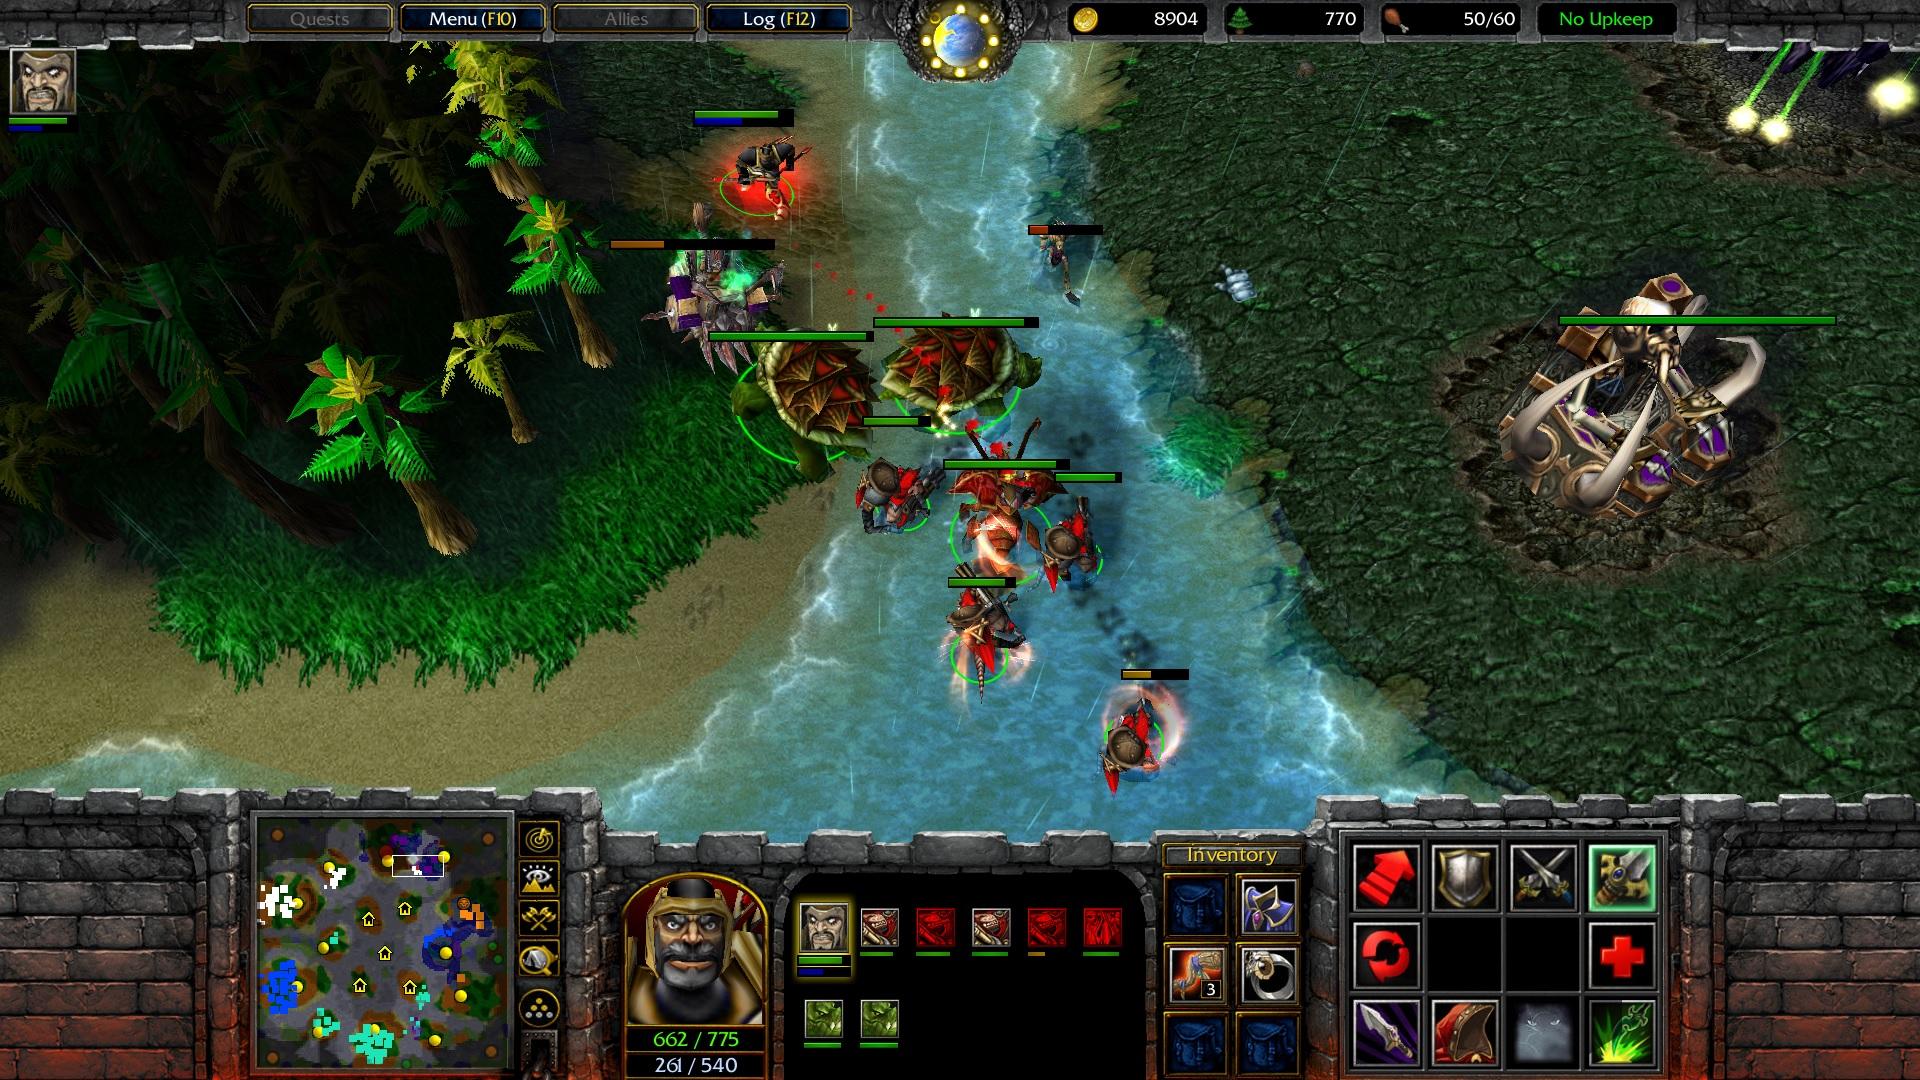 Screenshot 6.jpg